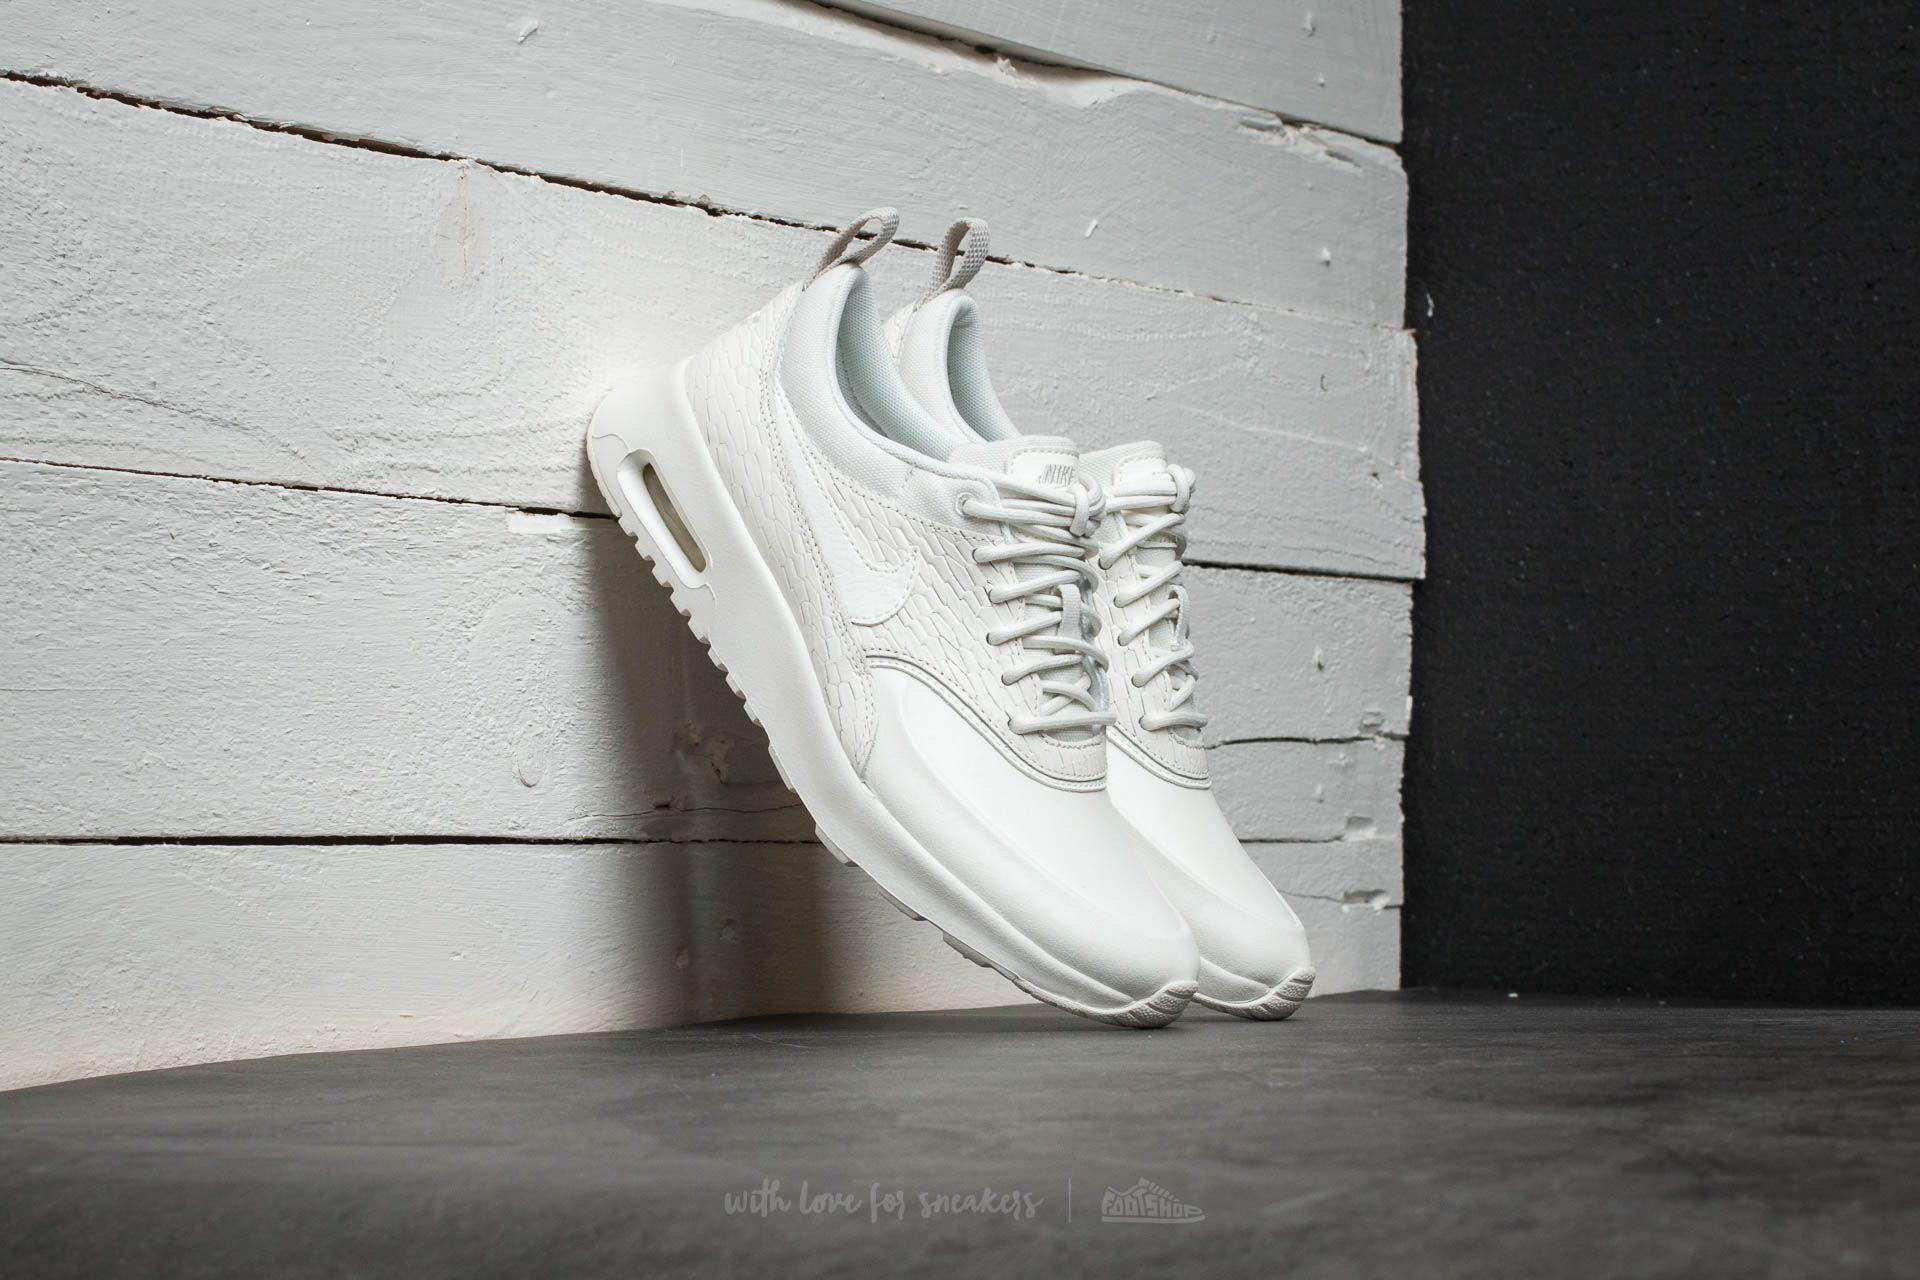 Nike Wmns Air Max Thea Premium Leather Sail/ Sail-Light Bone-White